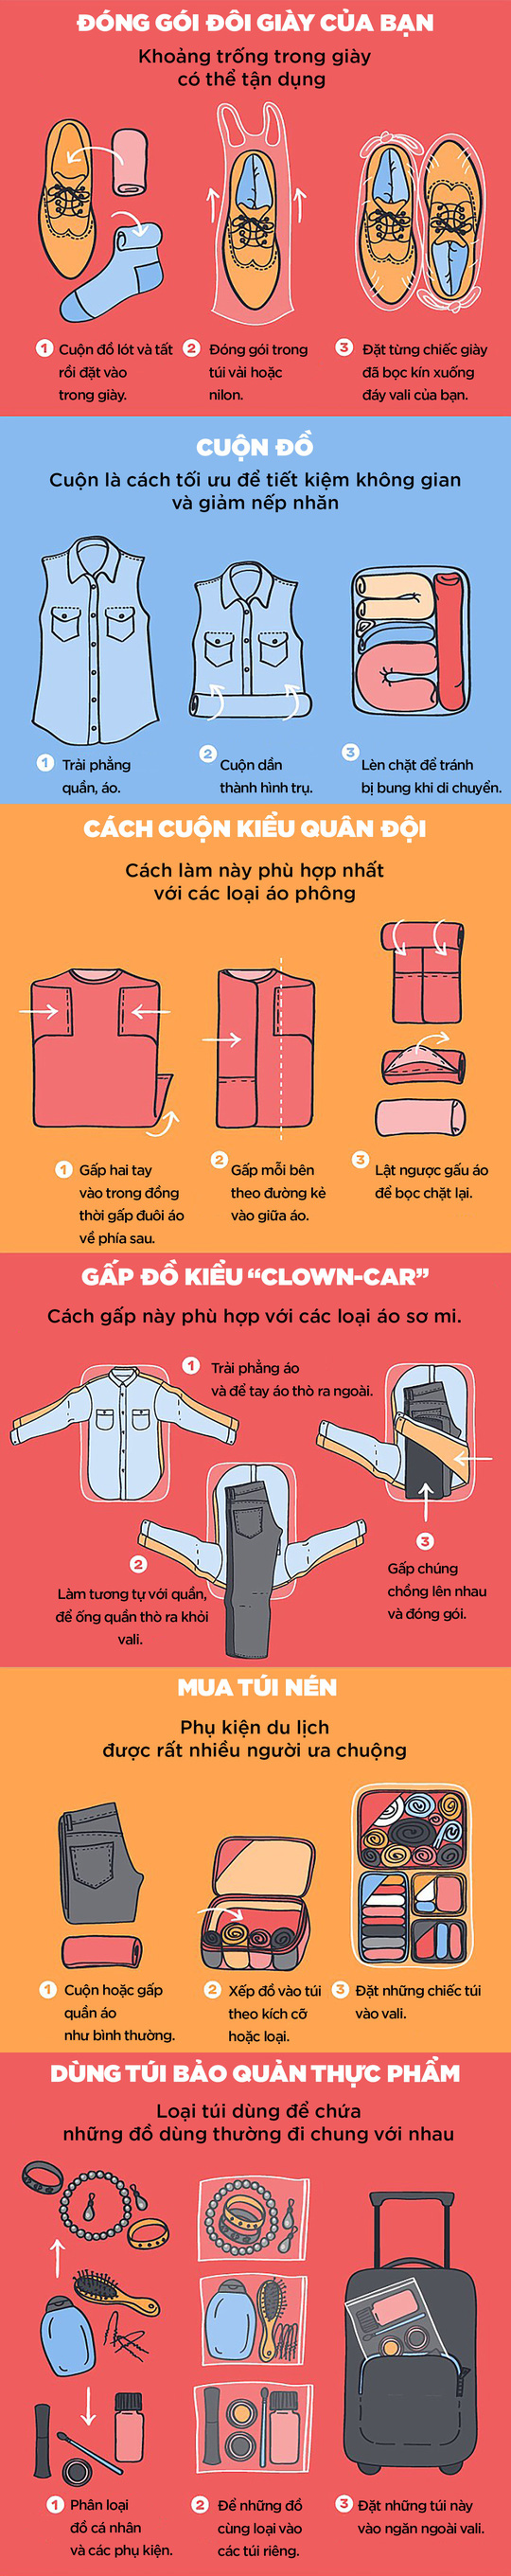 6 cách sắp xếp được nhiều đồ vào vali nhất - Ảnh 1.